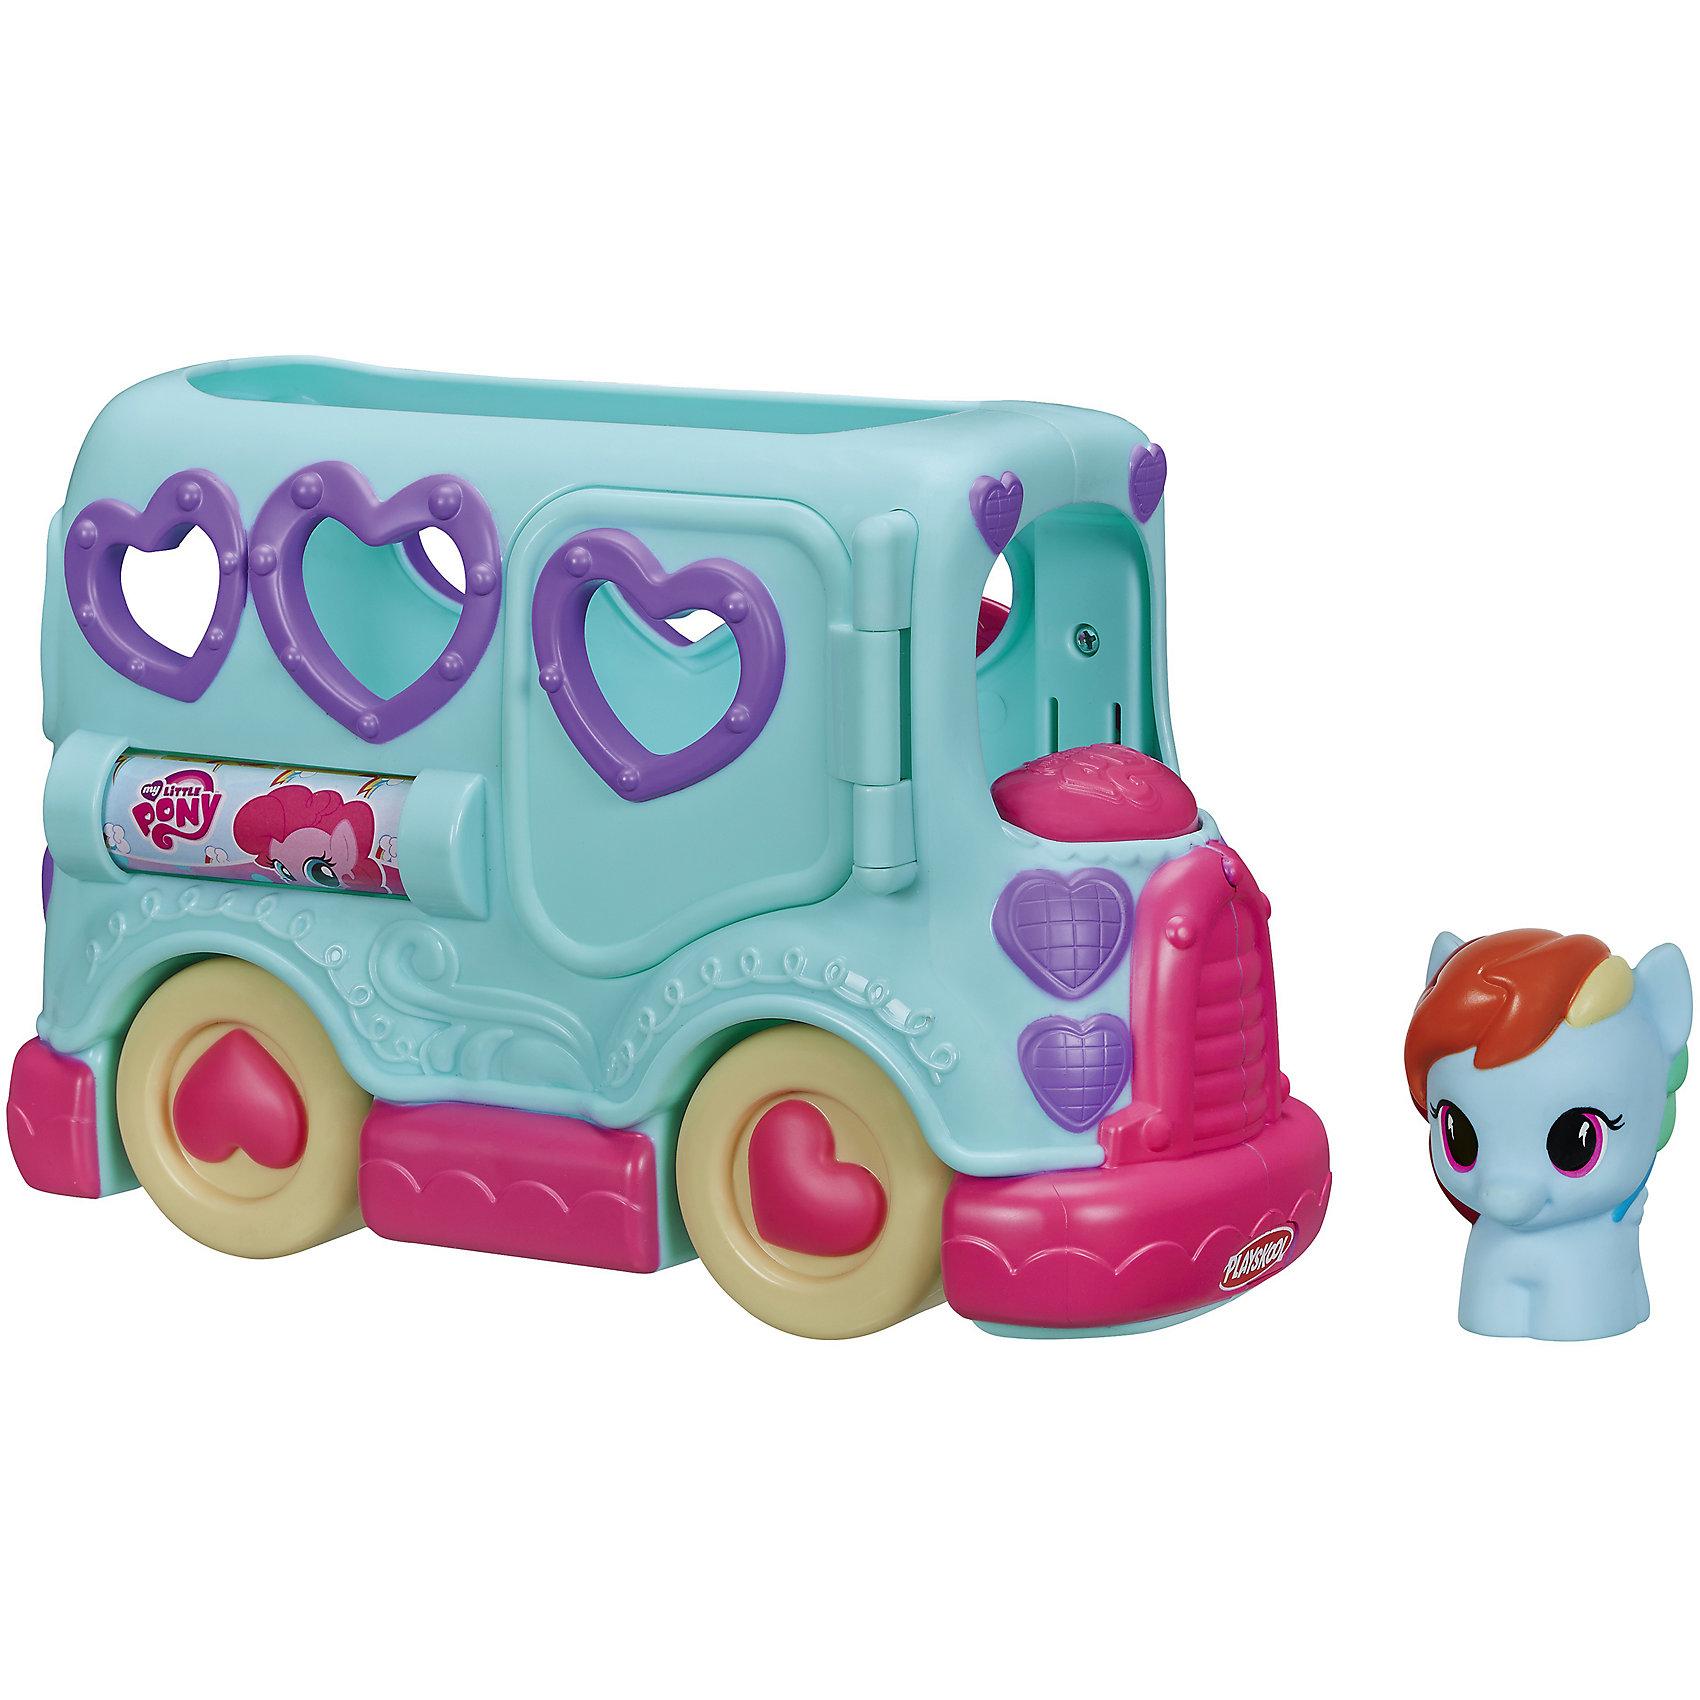 Автобус Пинки Пай, My little Pony, PLAYSKOOLАвтобус вмещает 3 фигурки пони (1 в комплекте).<br><br>Ширина мм: 98<br>Глубина мм: 279<br>Высота мм: 203<br>Вес г: 550<br>Возраст от месяцев: 18<br>Возраст до месяцев: 36<br>Пол: Женский<br>Возраст: Детский<br>SKU: 4252294